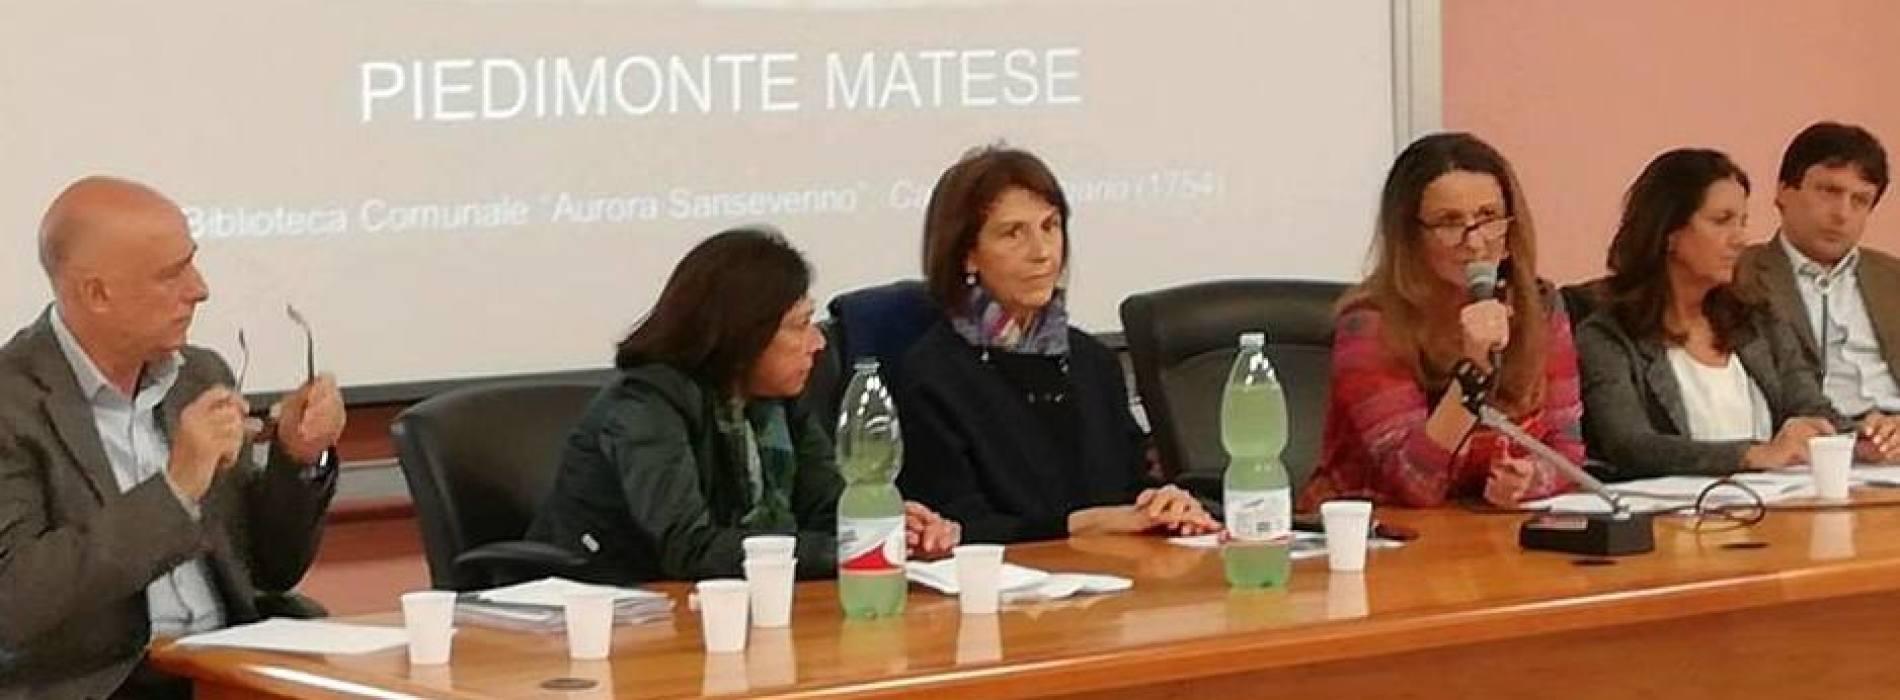 Università e territorio, la Vanvitelli studia gli archivi comunali